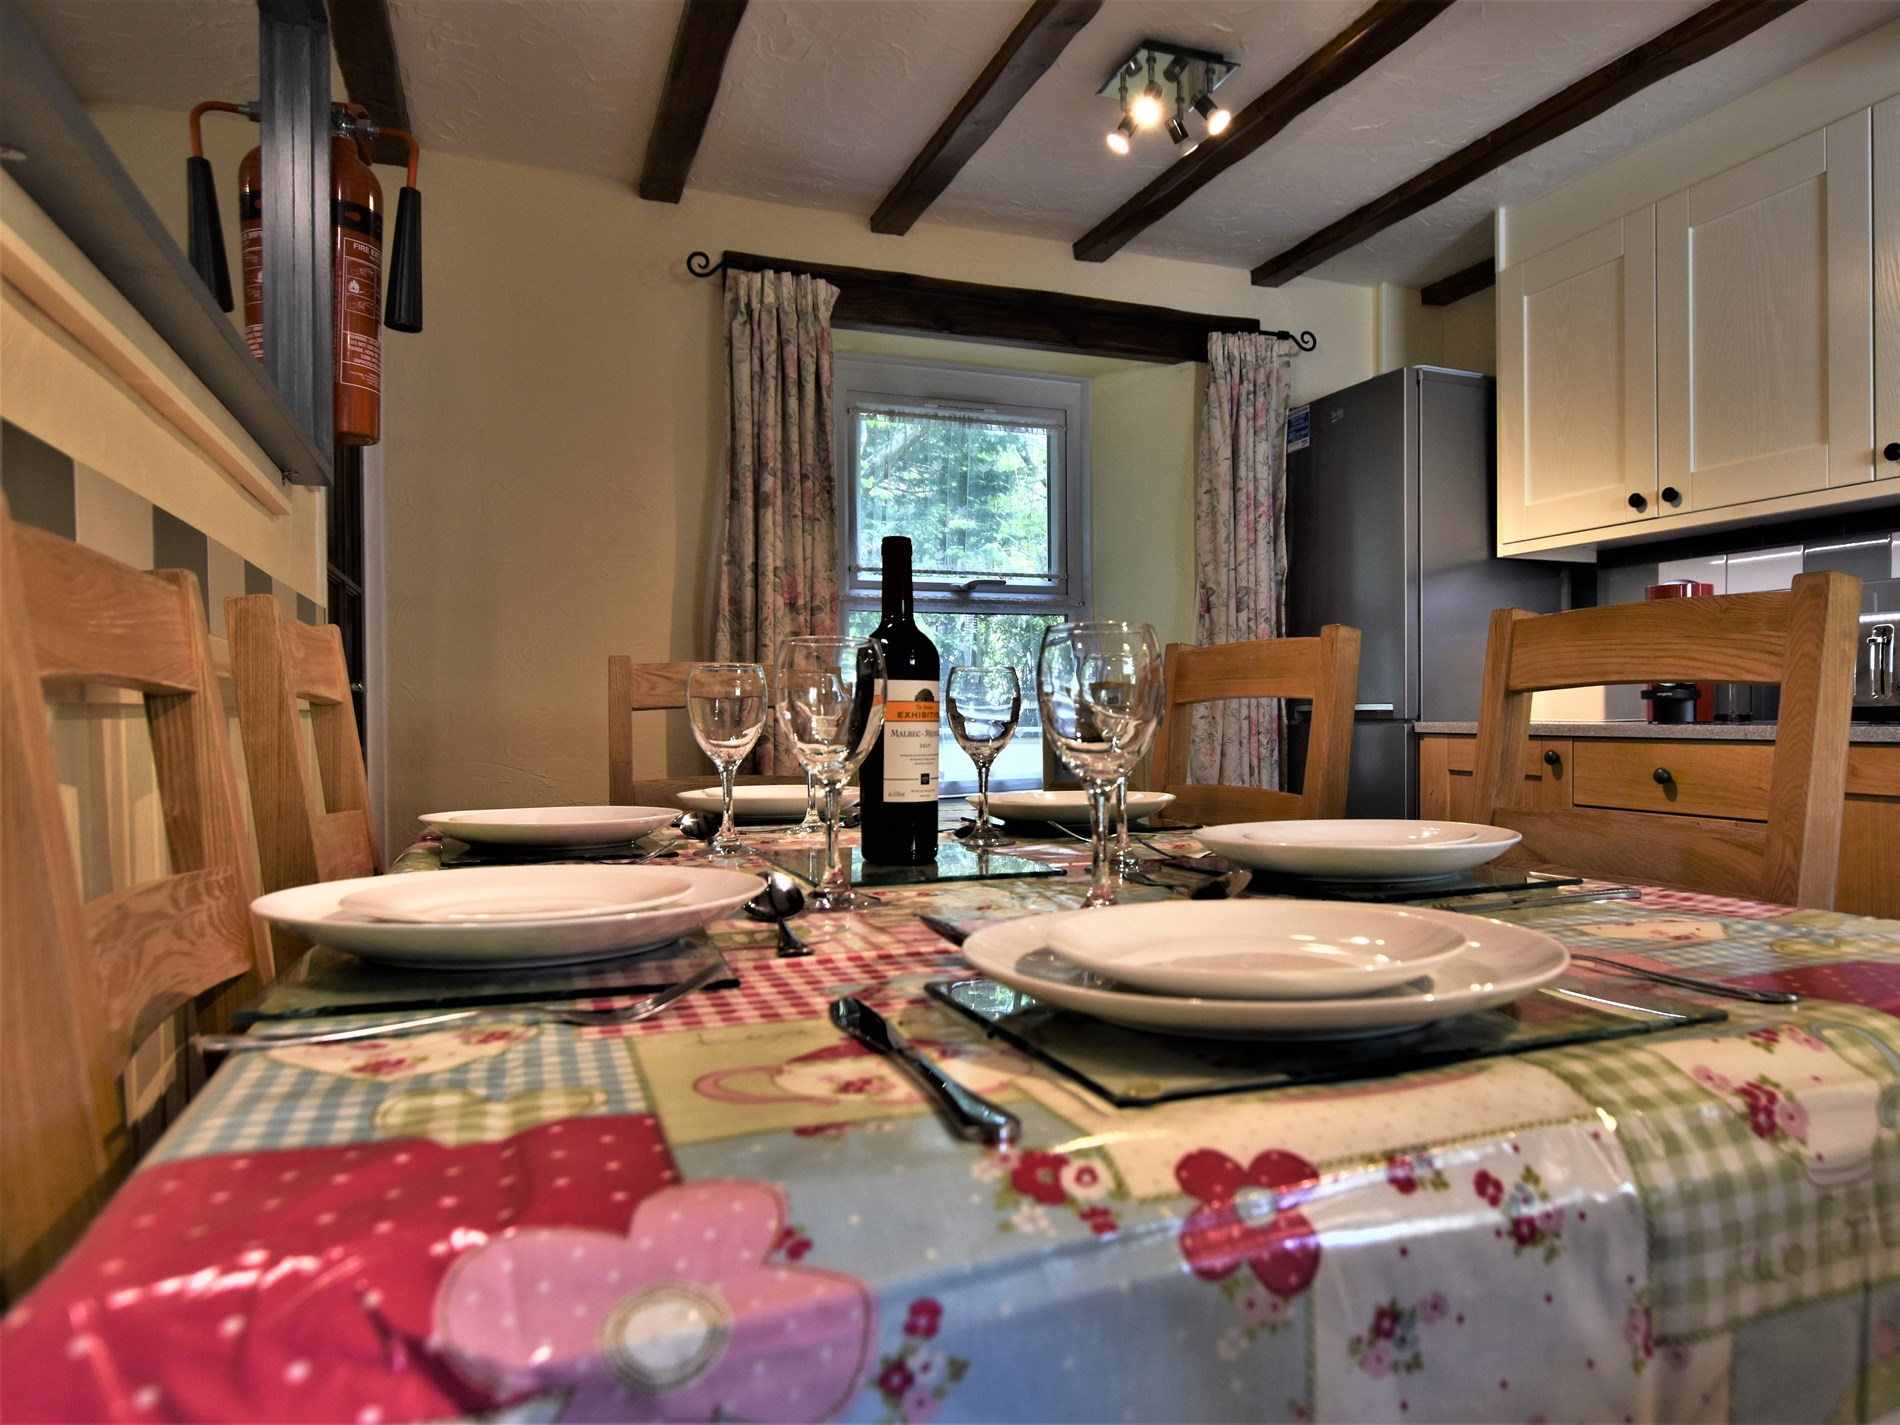 3 Bedroom Cottage in North Devon, Devon